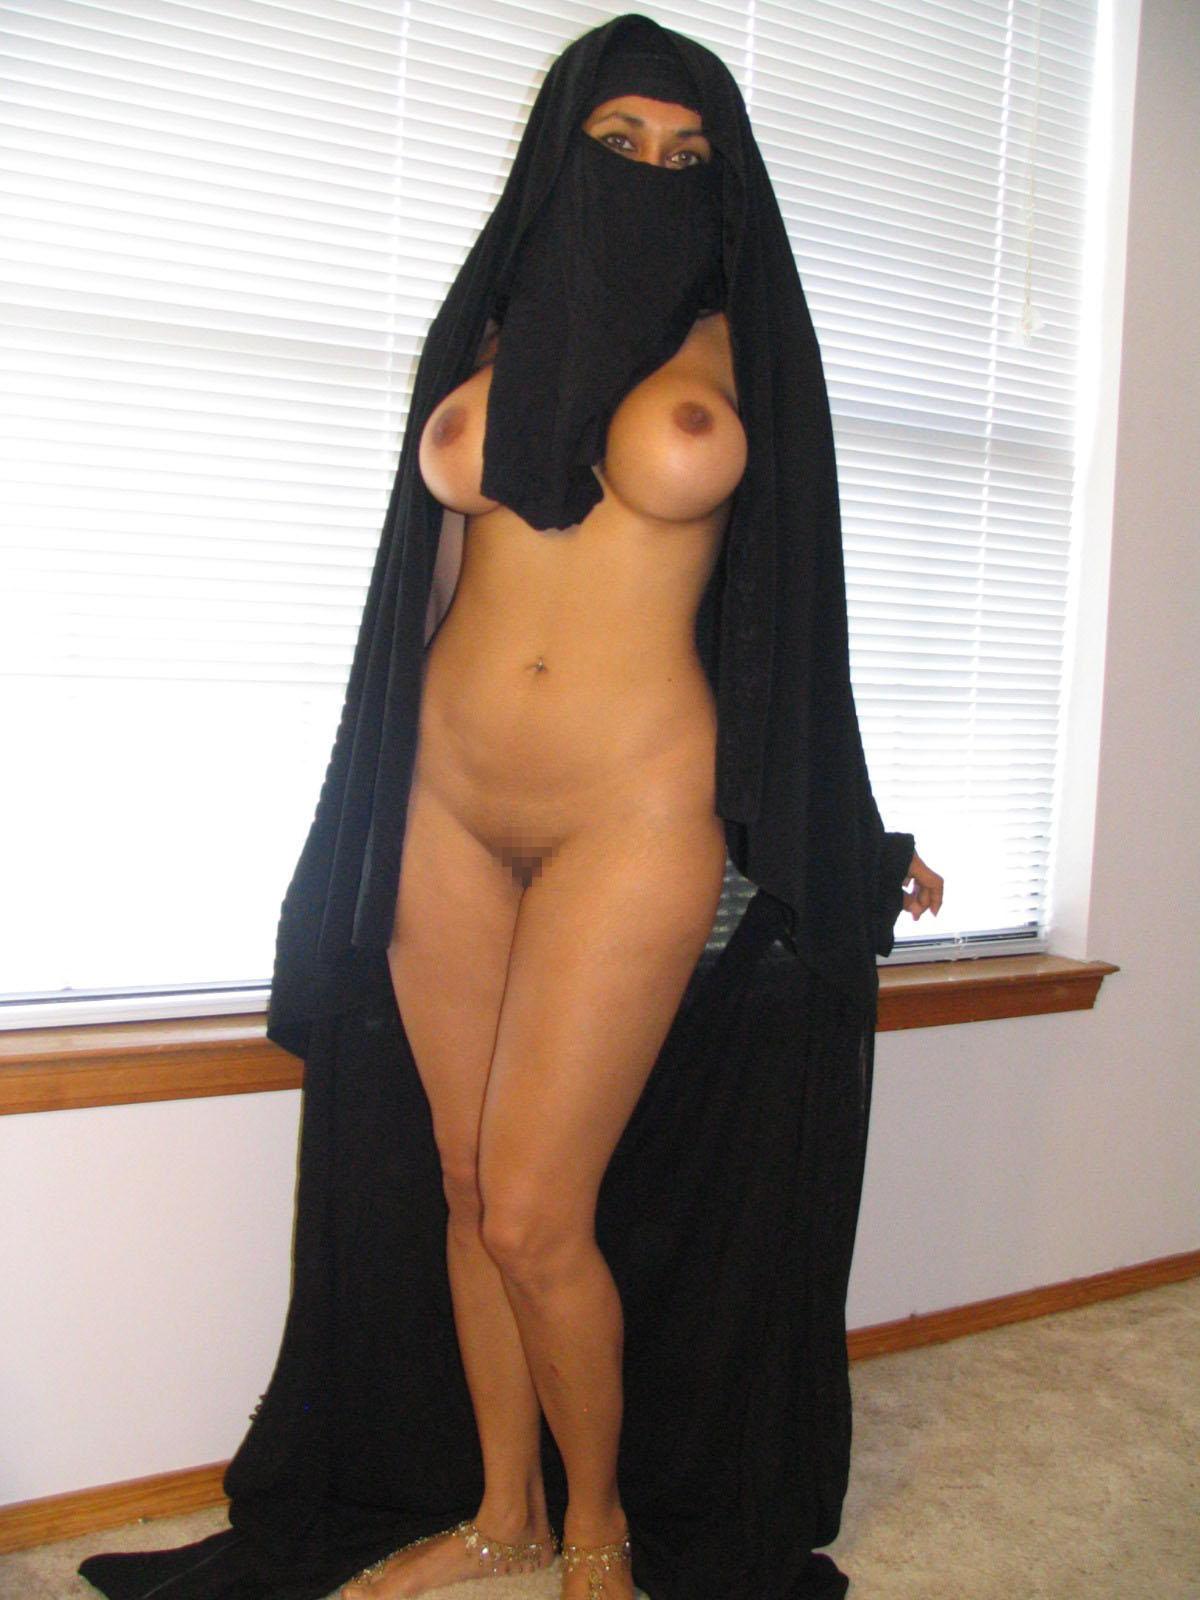 処女の娘が多いイスラム女子、脱いだらすごかった・・・・・(画像あり)・37枚目